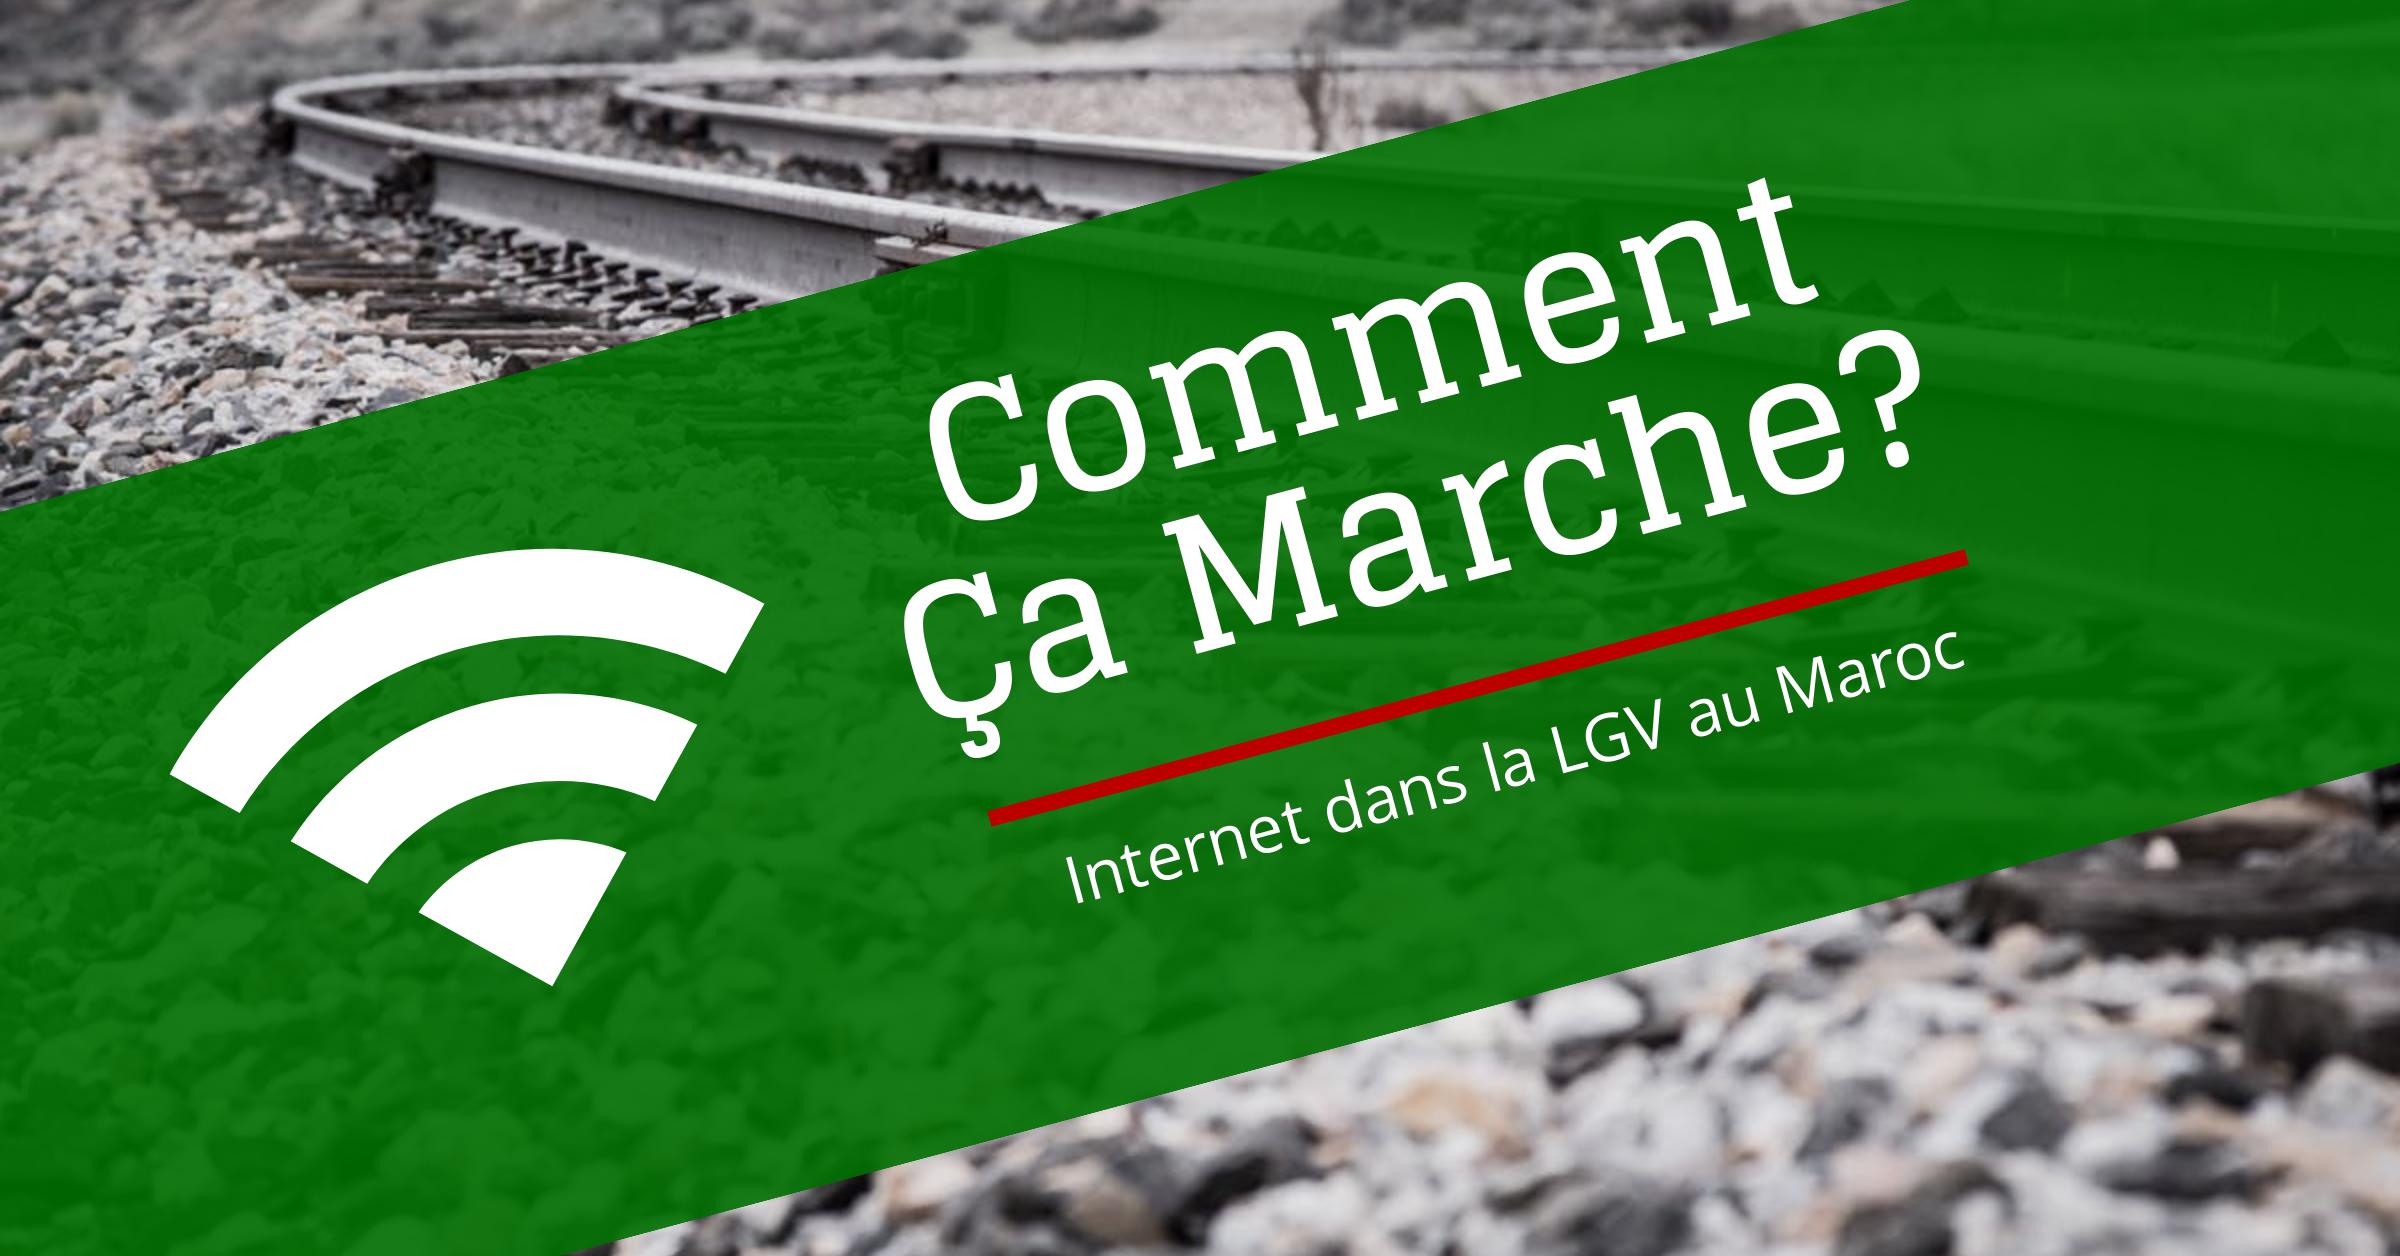 Internet dans la LGV au Maroc? Comment ça marche?